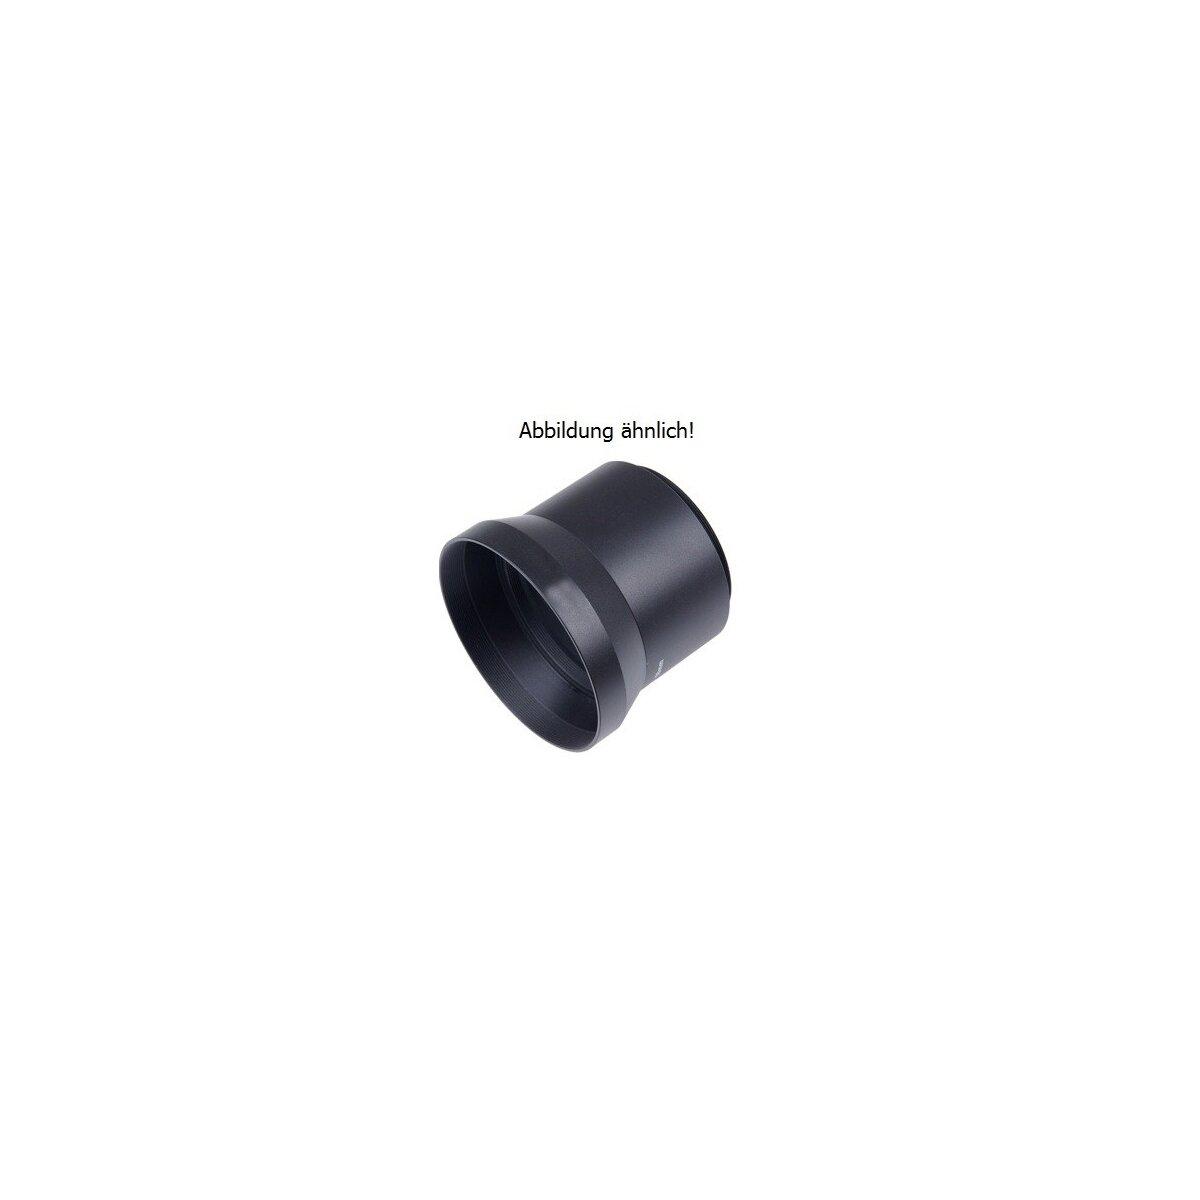 Adaptertubus fuer Sony DSC-H7, DSC-H9, DSC-H50 fuer 58mm Zubehoer